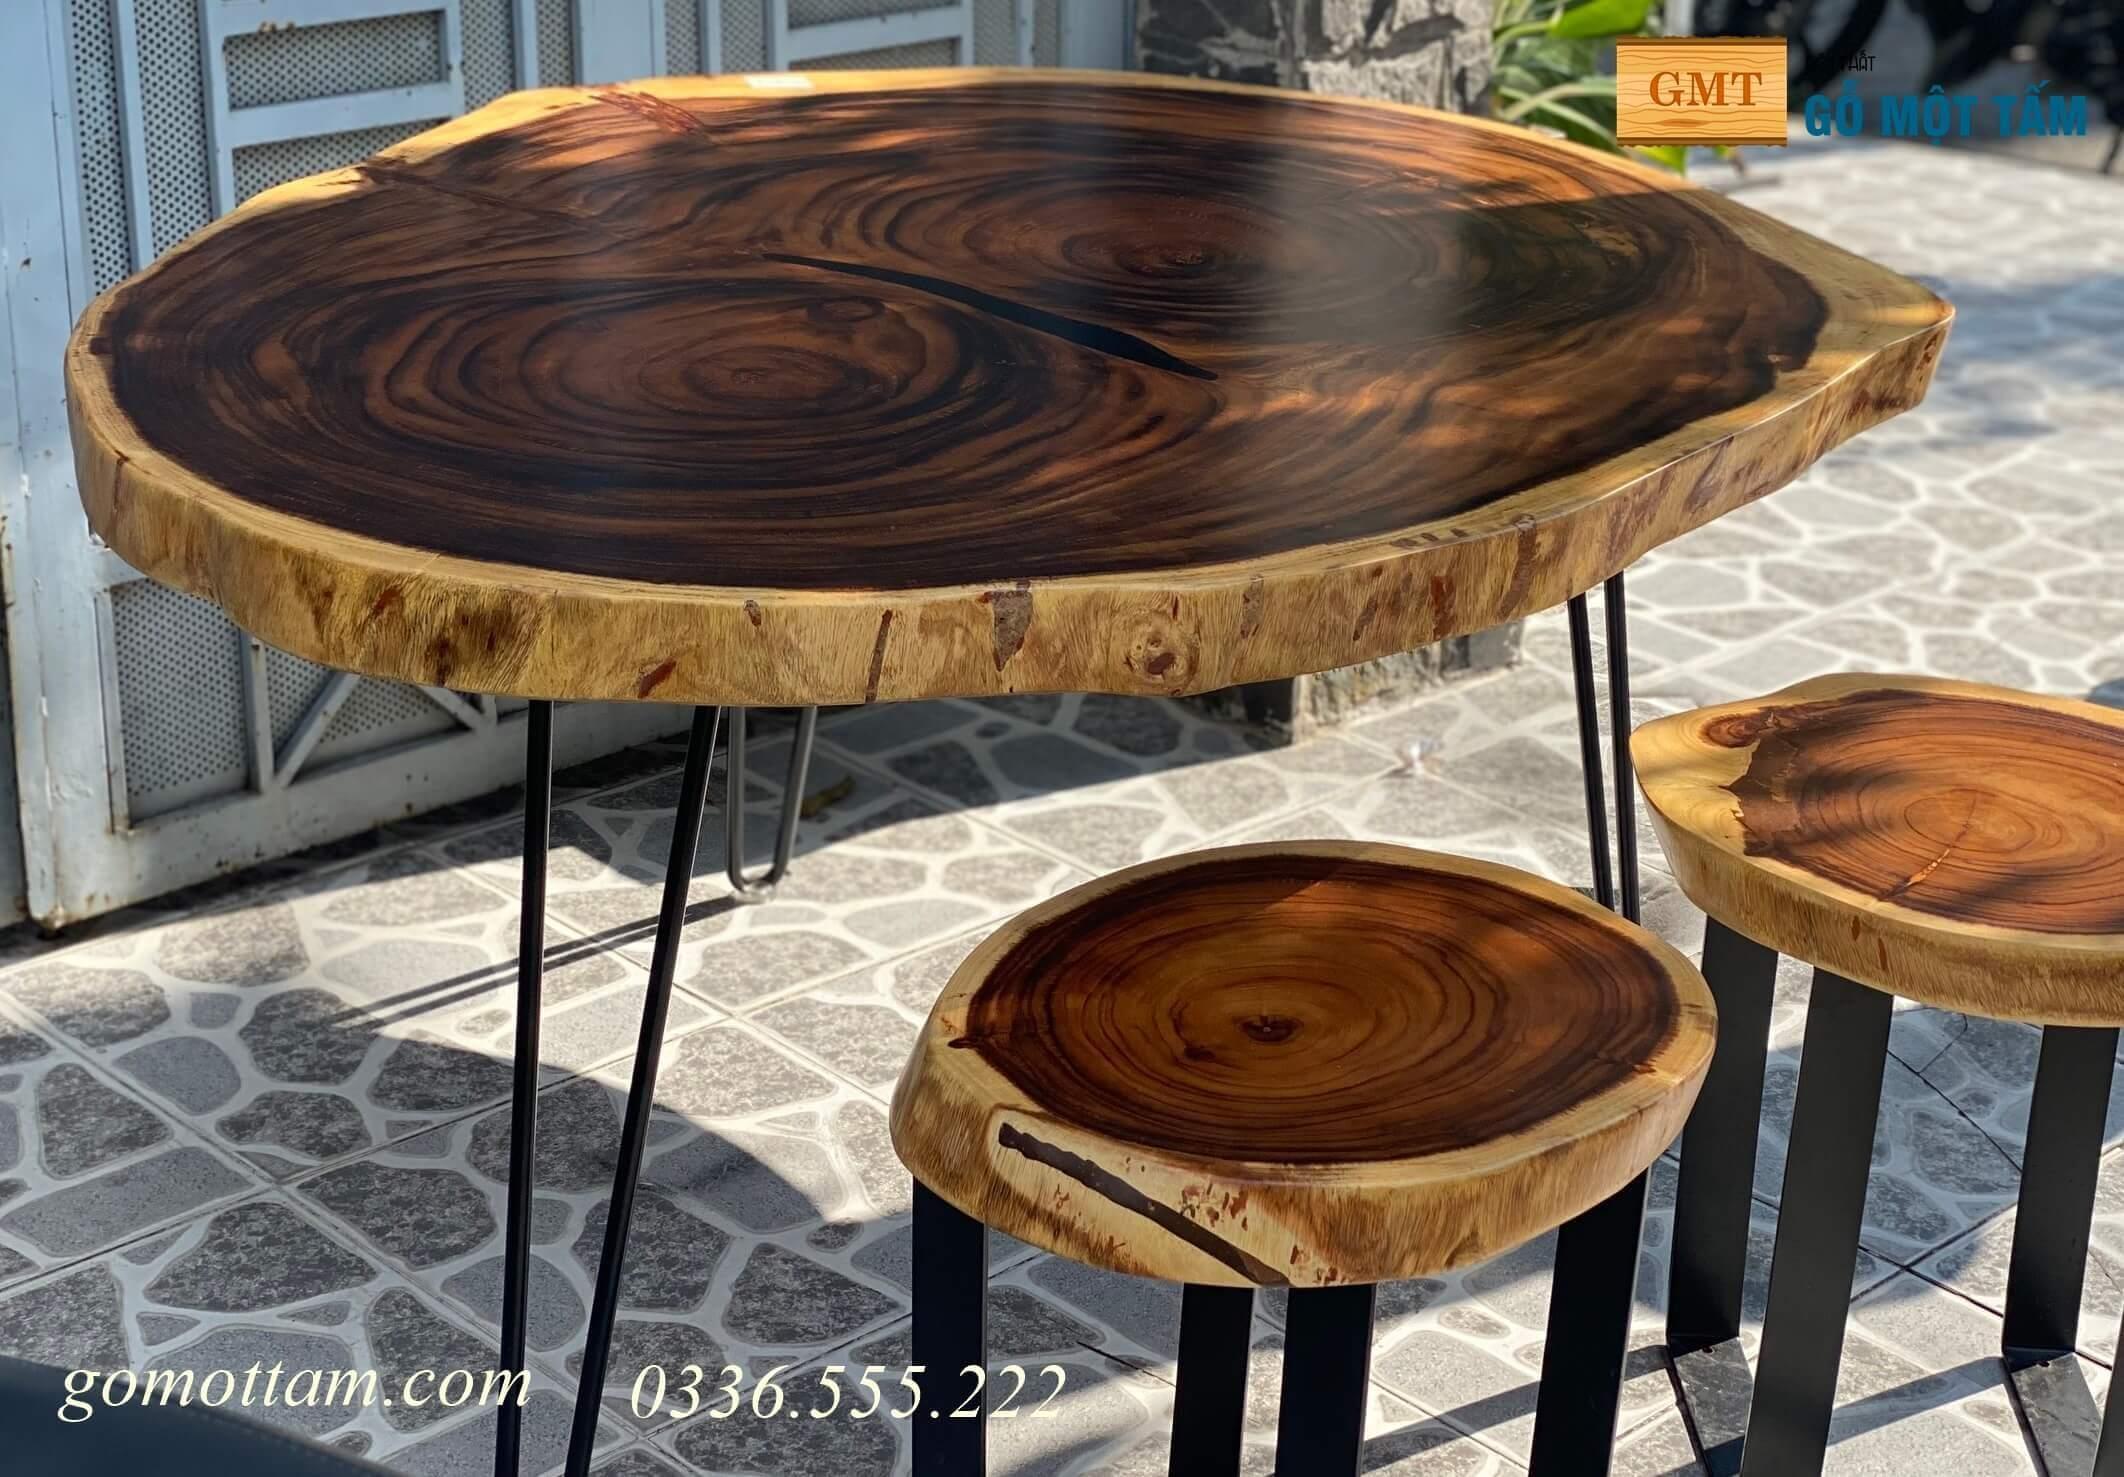 bàn ăn gỗ me tây nguyên tấm giá rê